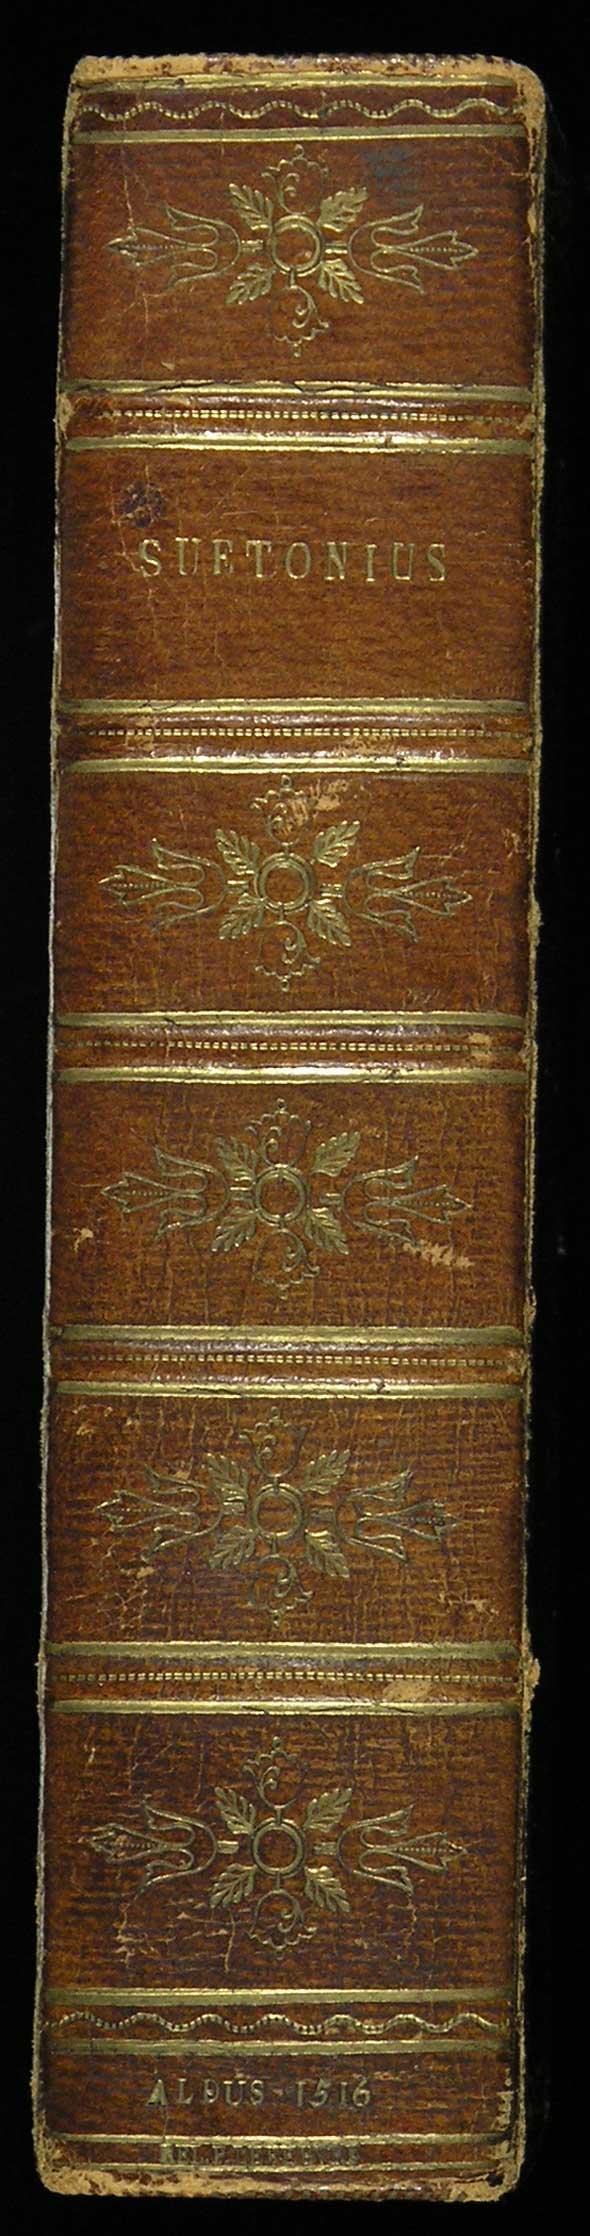 Suetonius spine